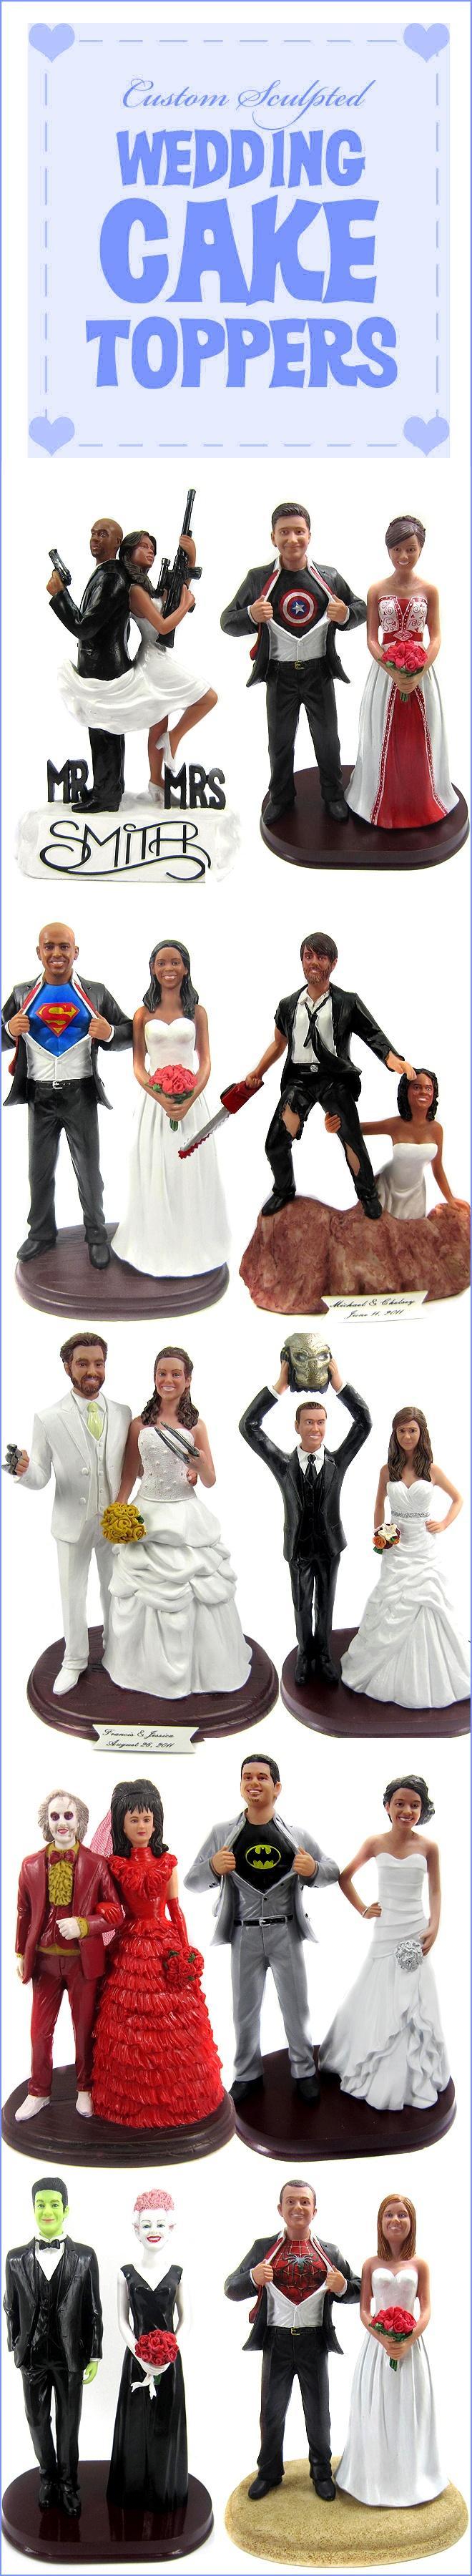 Свадьба - Свадебные торты, Дайте Выводы